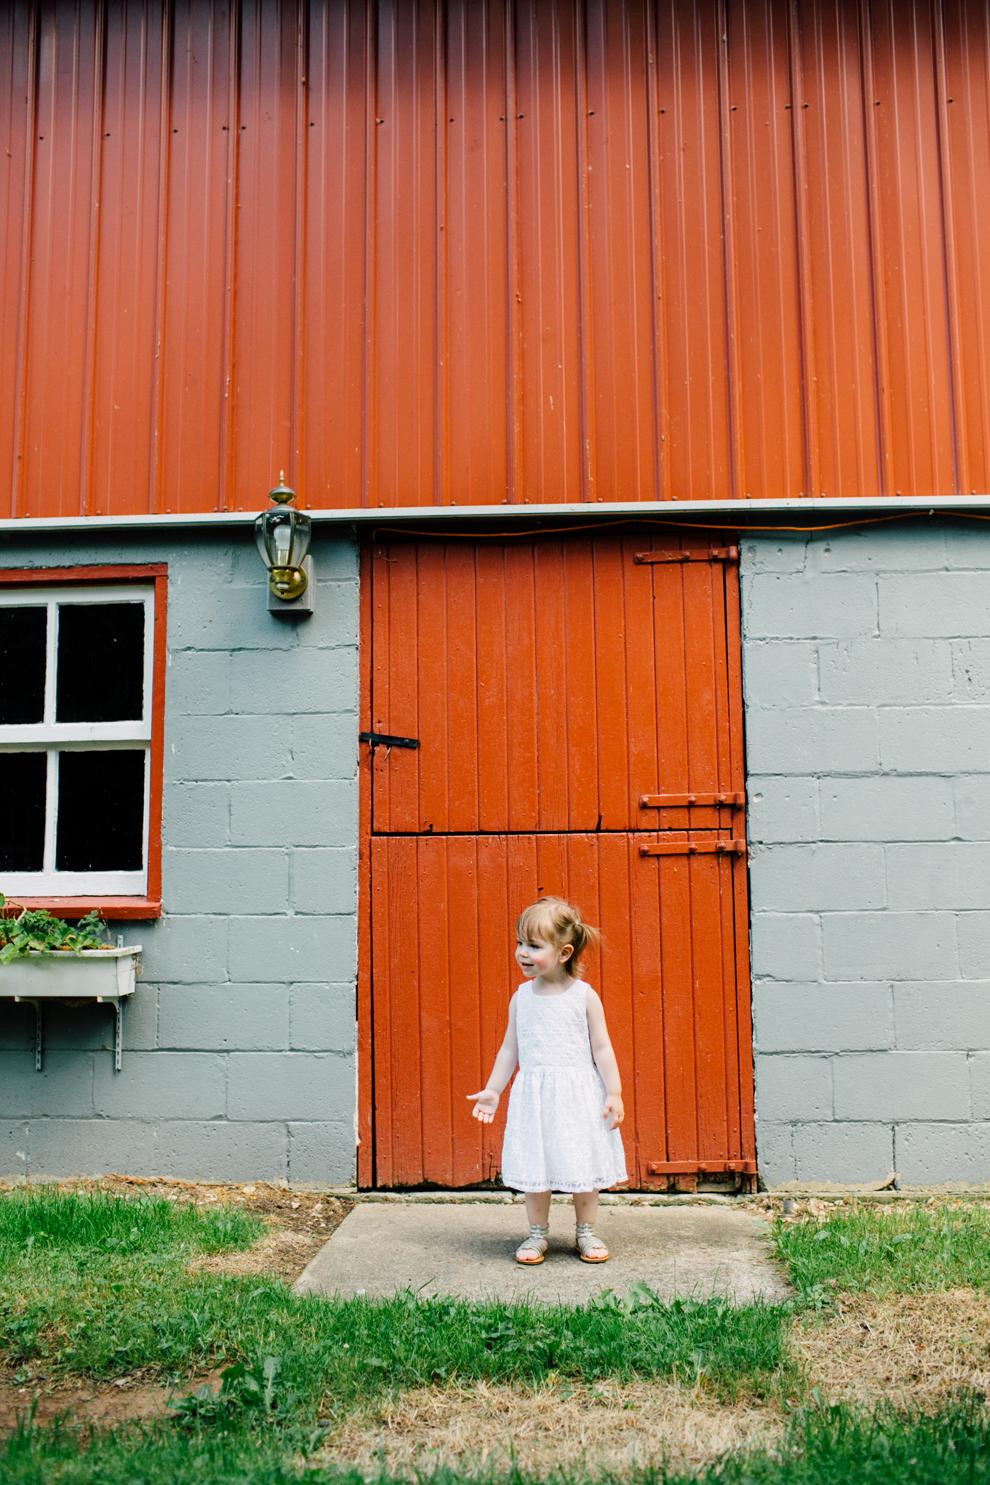 008-wisconsin-family-photographer-moseler-katheryn-moran.jpg